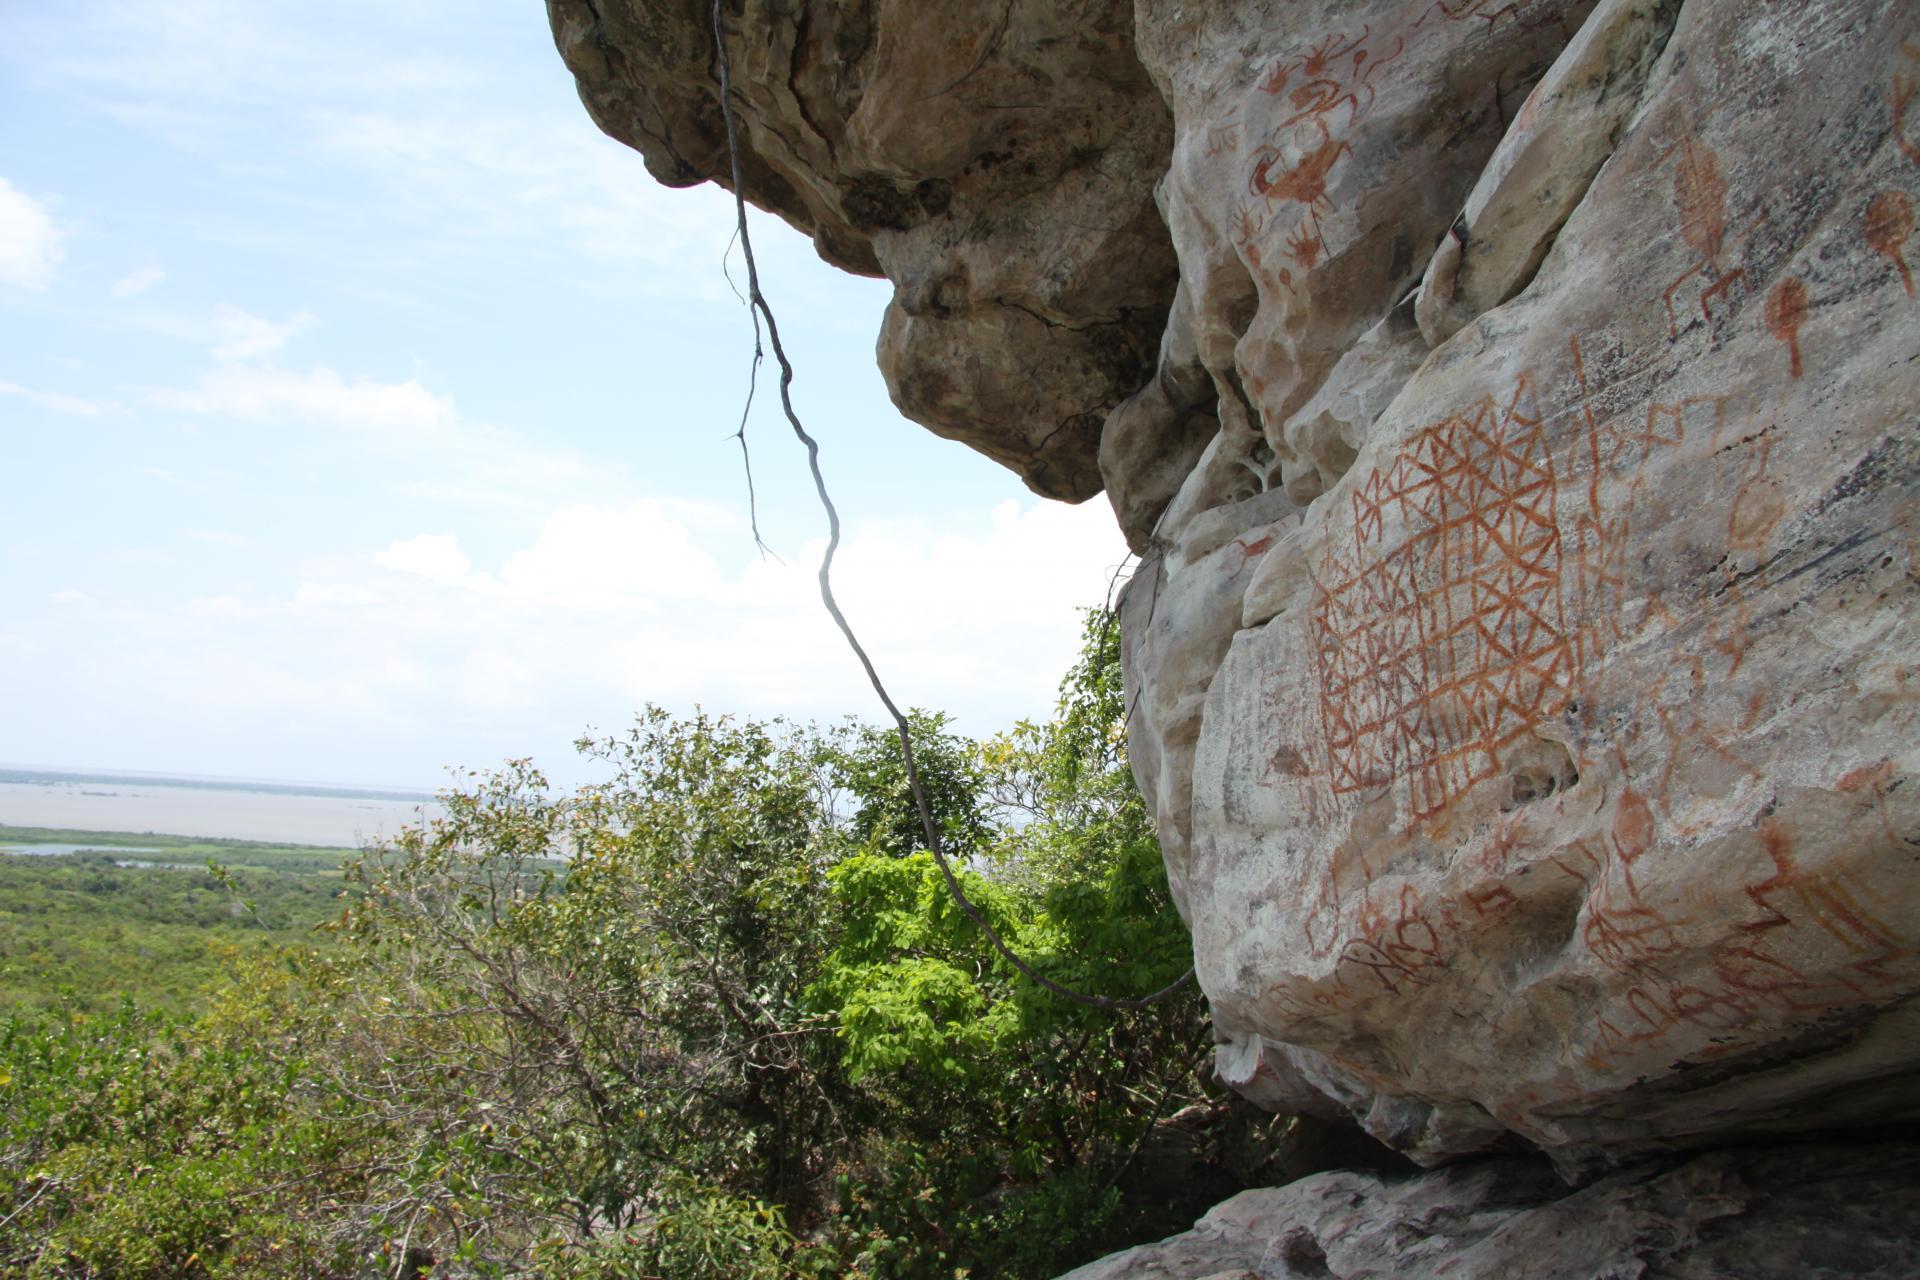 Höhlenmalereien geben Aufschluss über Brasiliens Geschichte